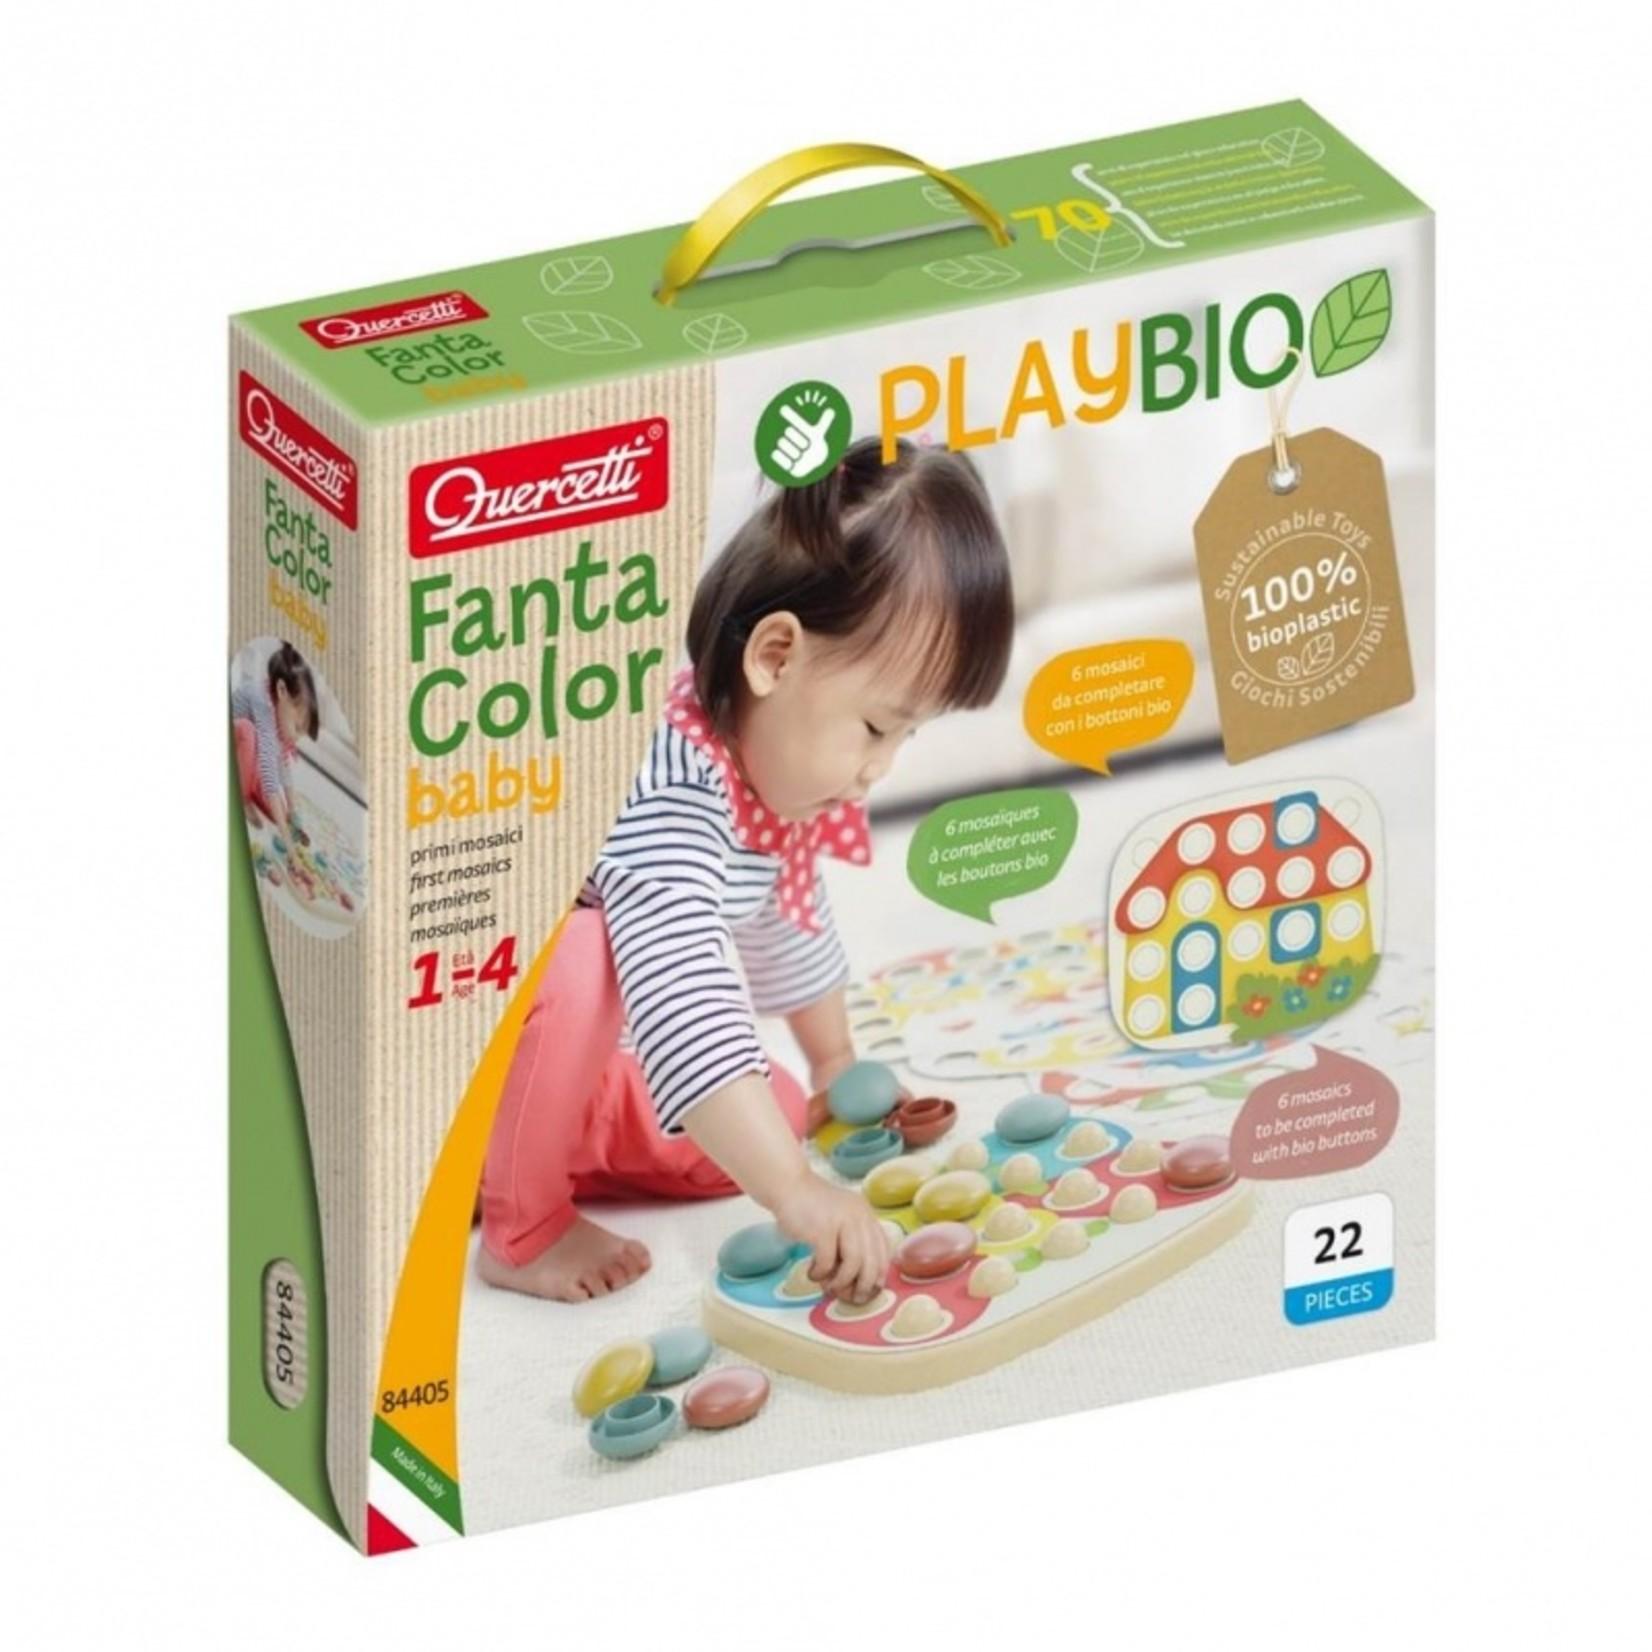 Play Bio FantaColor insteekmozaïek (22-delig)